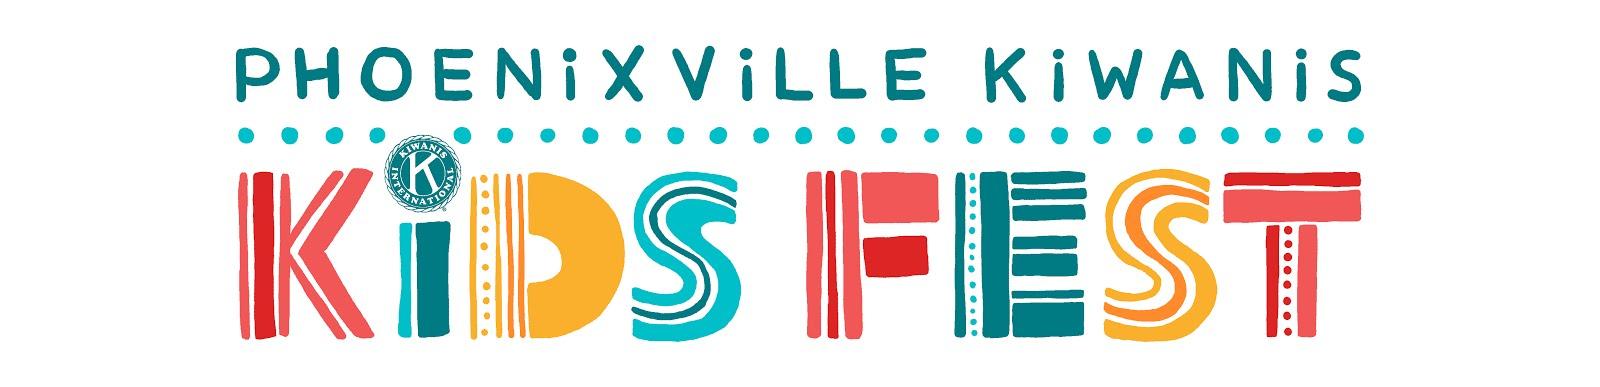 KidsFest Phoenixville 2018